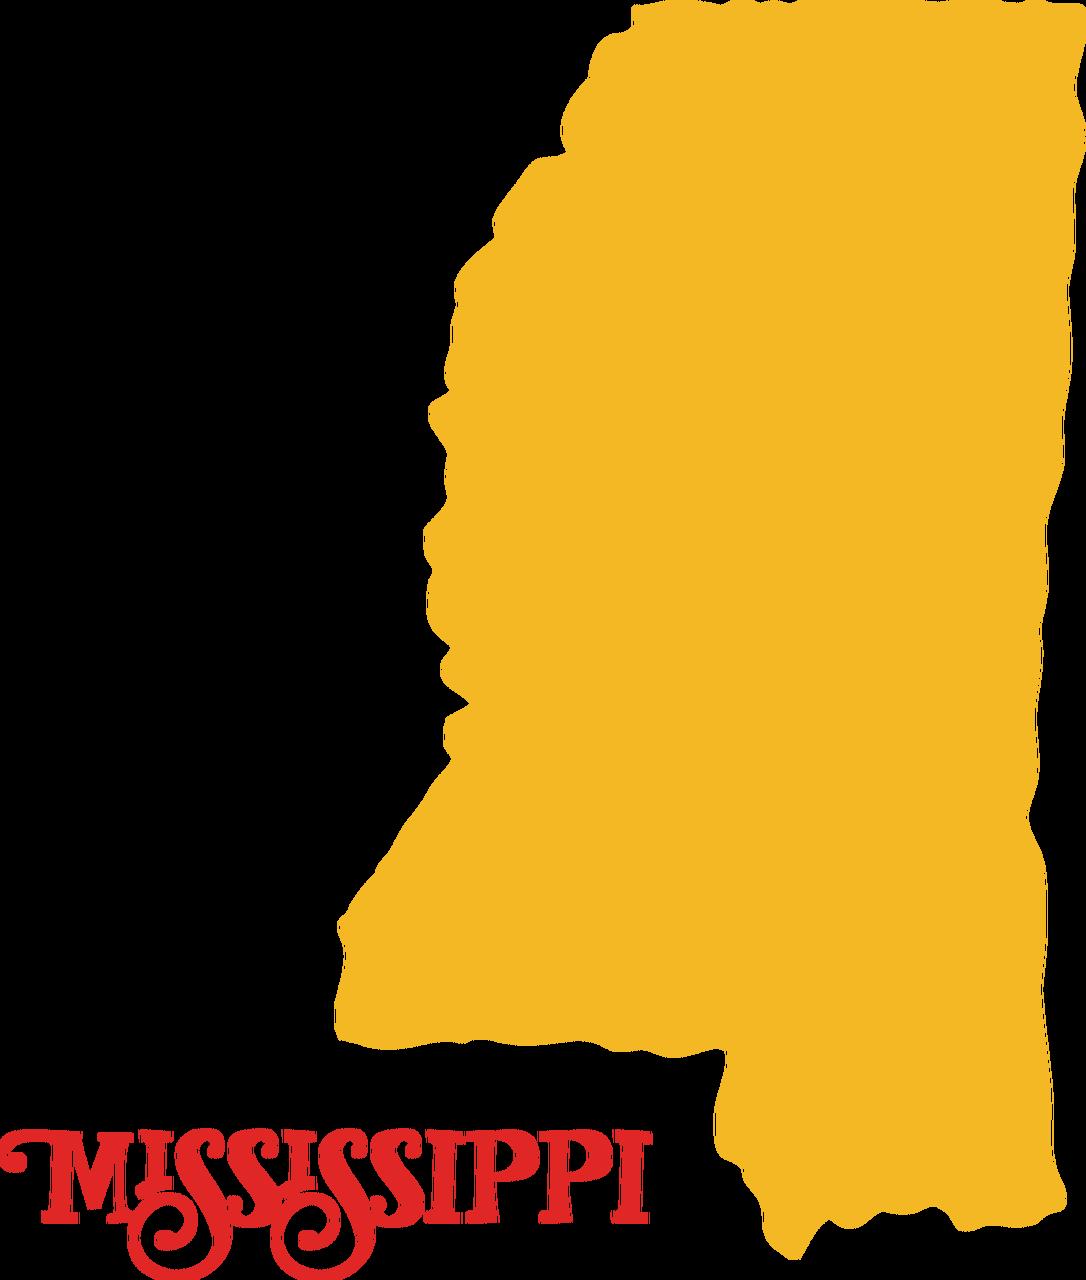 Mississippi SVG Cut File